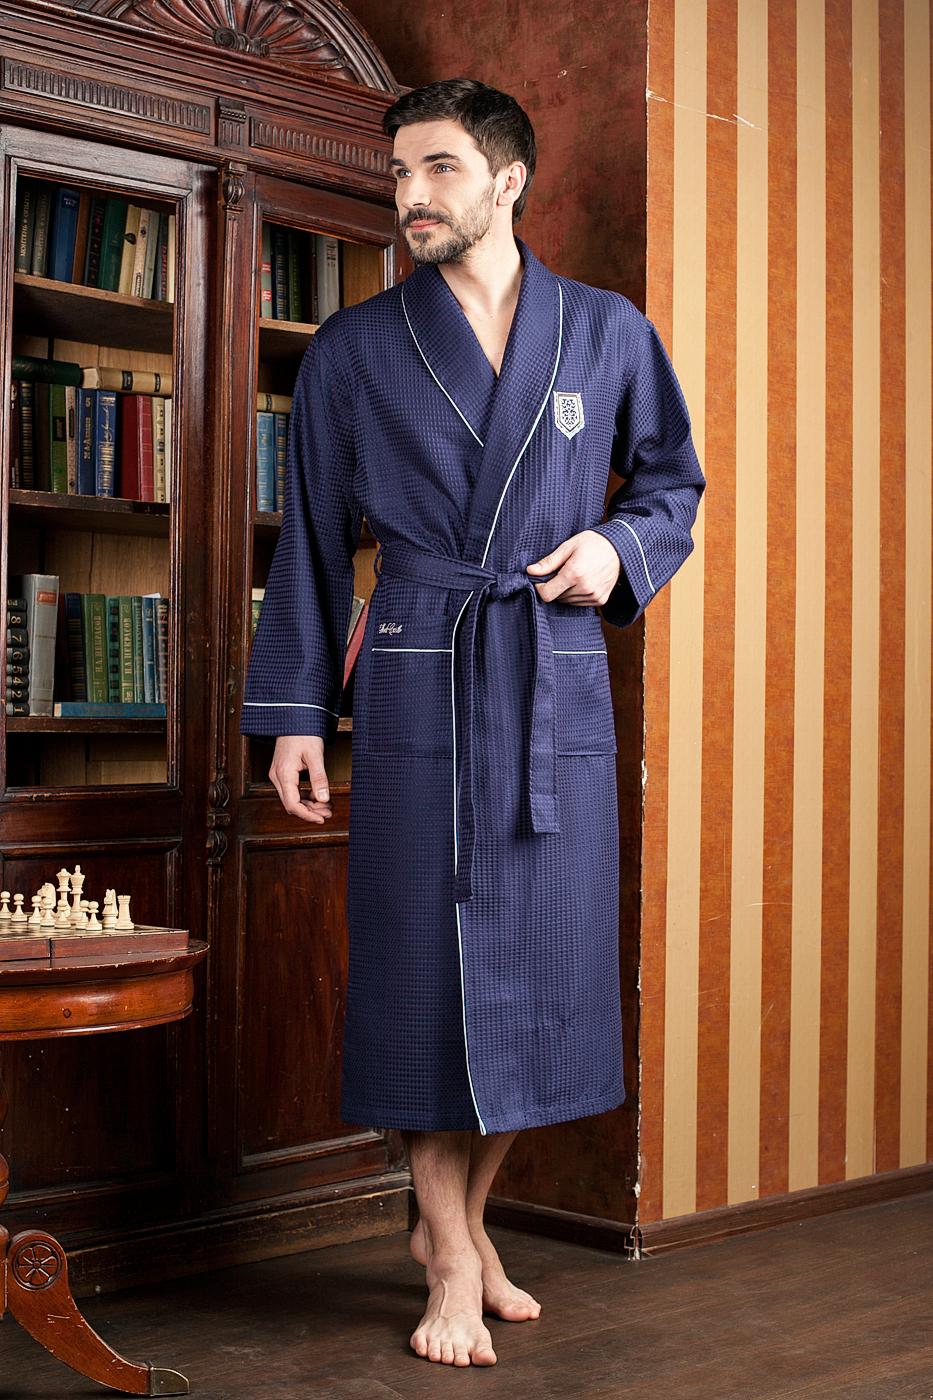 Халат мужской Five Wien Home, цвет: синий. 431. Размер L/XL (48/52)431Шикарный вафельный бамбуковый халат с элегантной вышивкой на груди и на кармане. Выполнен из высококачественного материала.